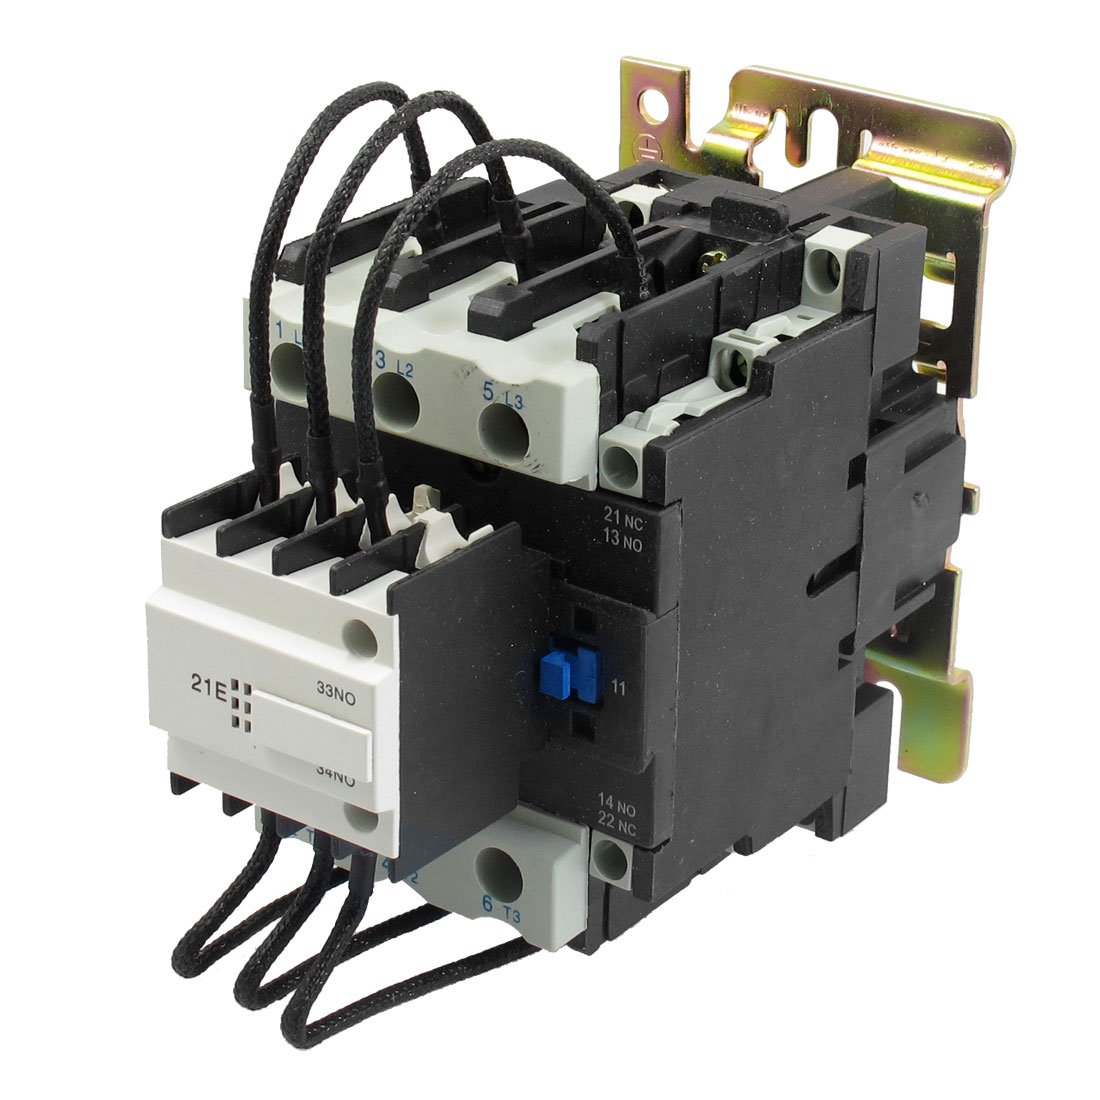 CJ19-63 Ui 500V 220V Coil 63A Pole 1NO Changeover Capacitor  Contactor - image 1 of 1